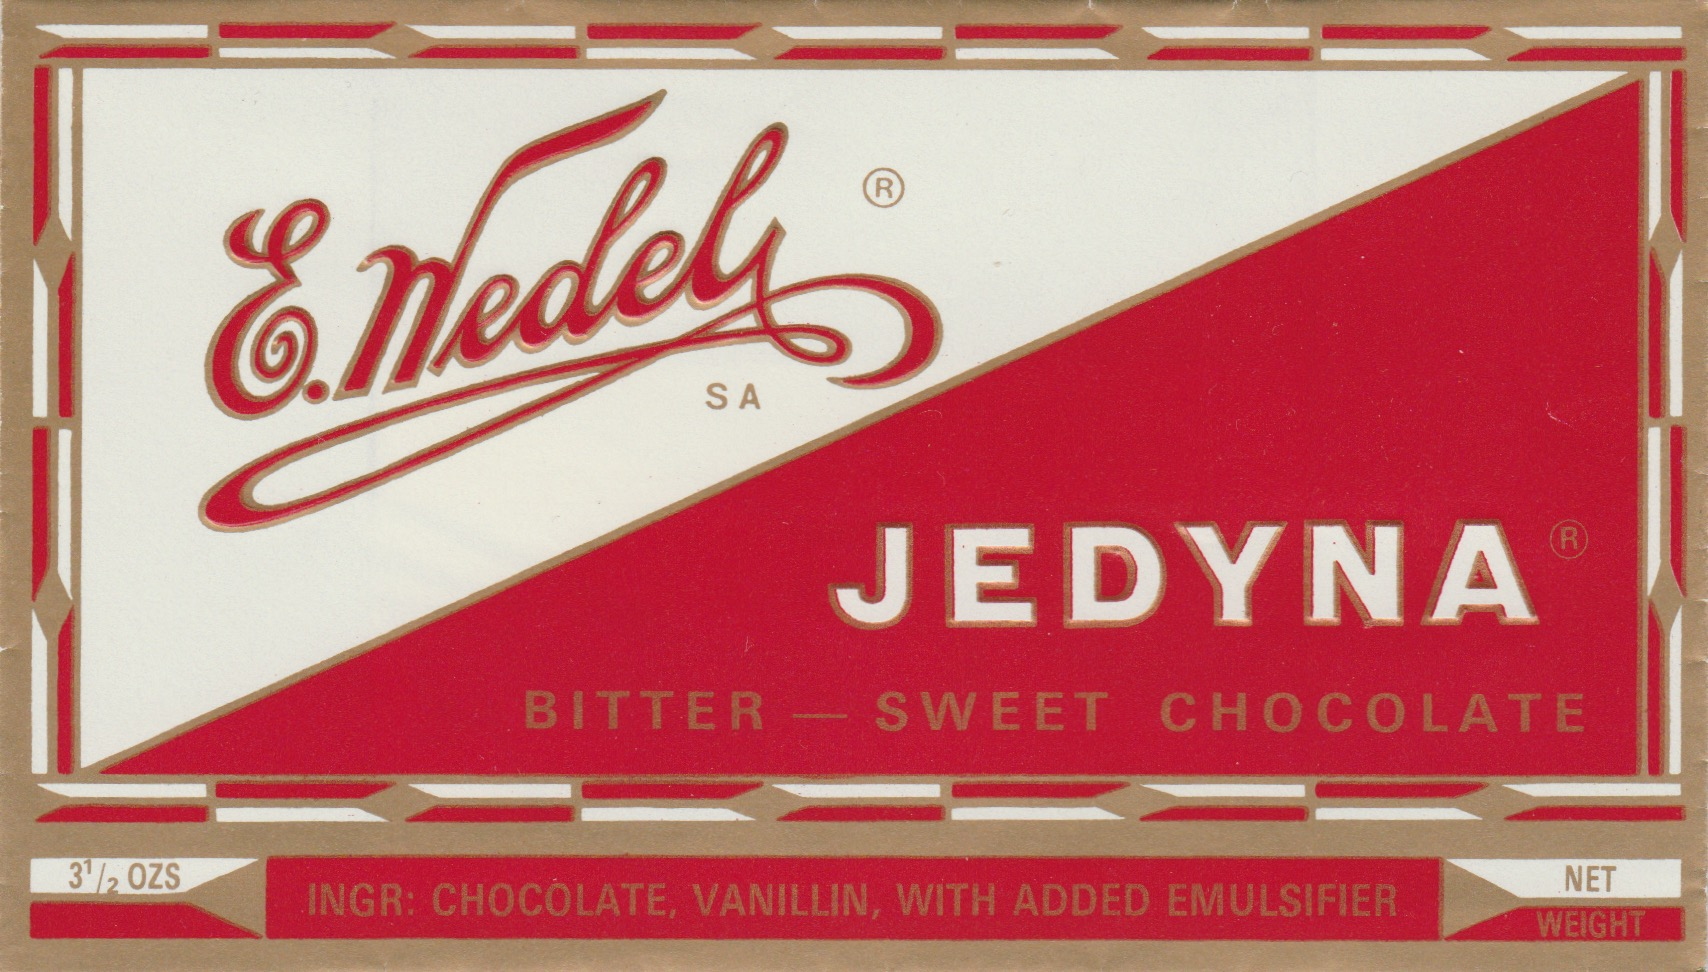 Opakowanie wedlowskiej czekolady zaprojektowane przez Karola Śliwkę (fot. archiwum prywatne)